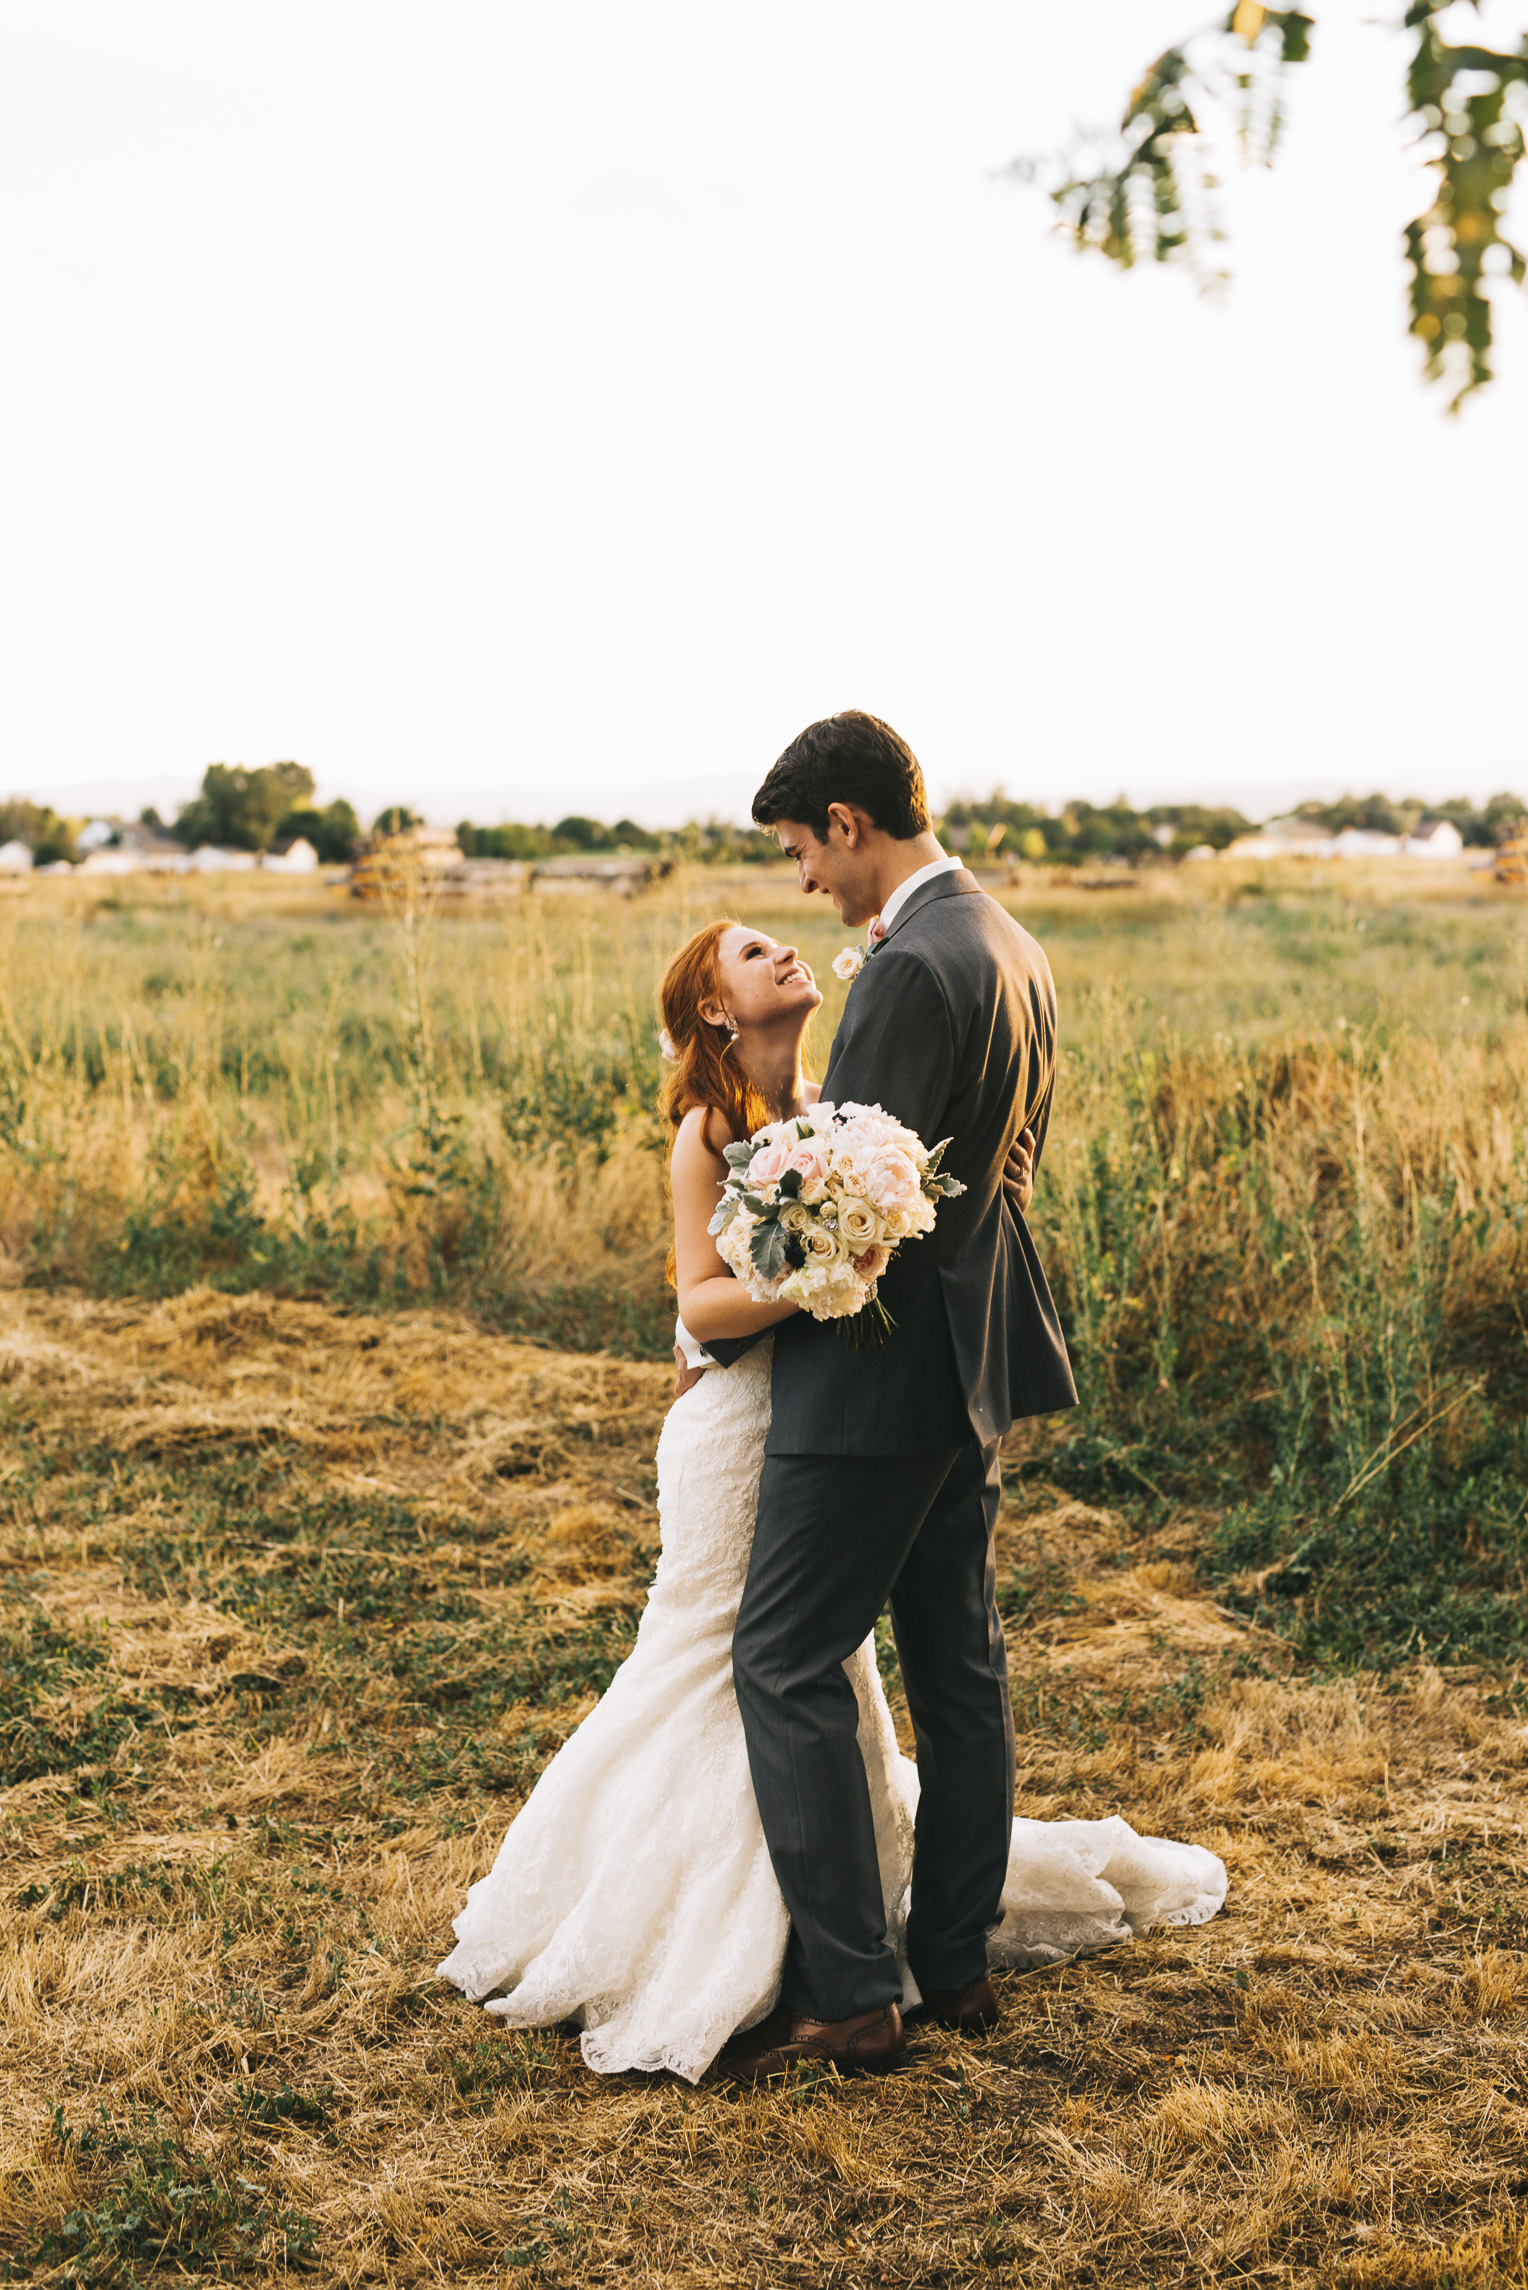 web sized images -- no to print --CALVIN & MCKYLEY WEDDING PHOTOS - COLORADO PHOTOGRAPHER - DEBI RAE PHOTOGRAPHY-2919.jpg